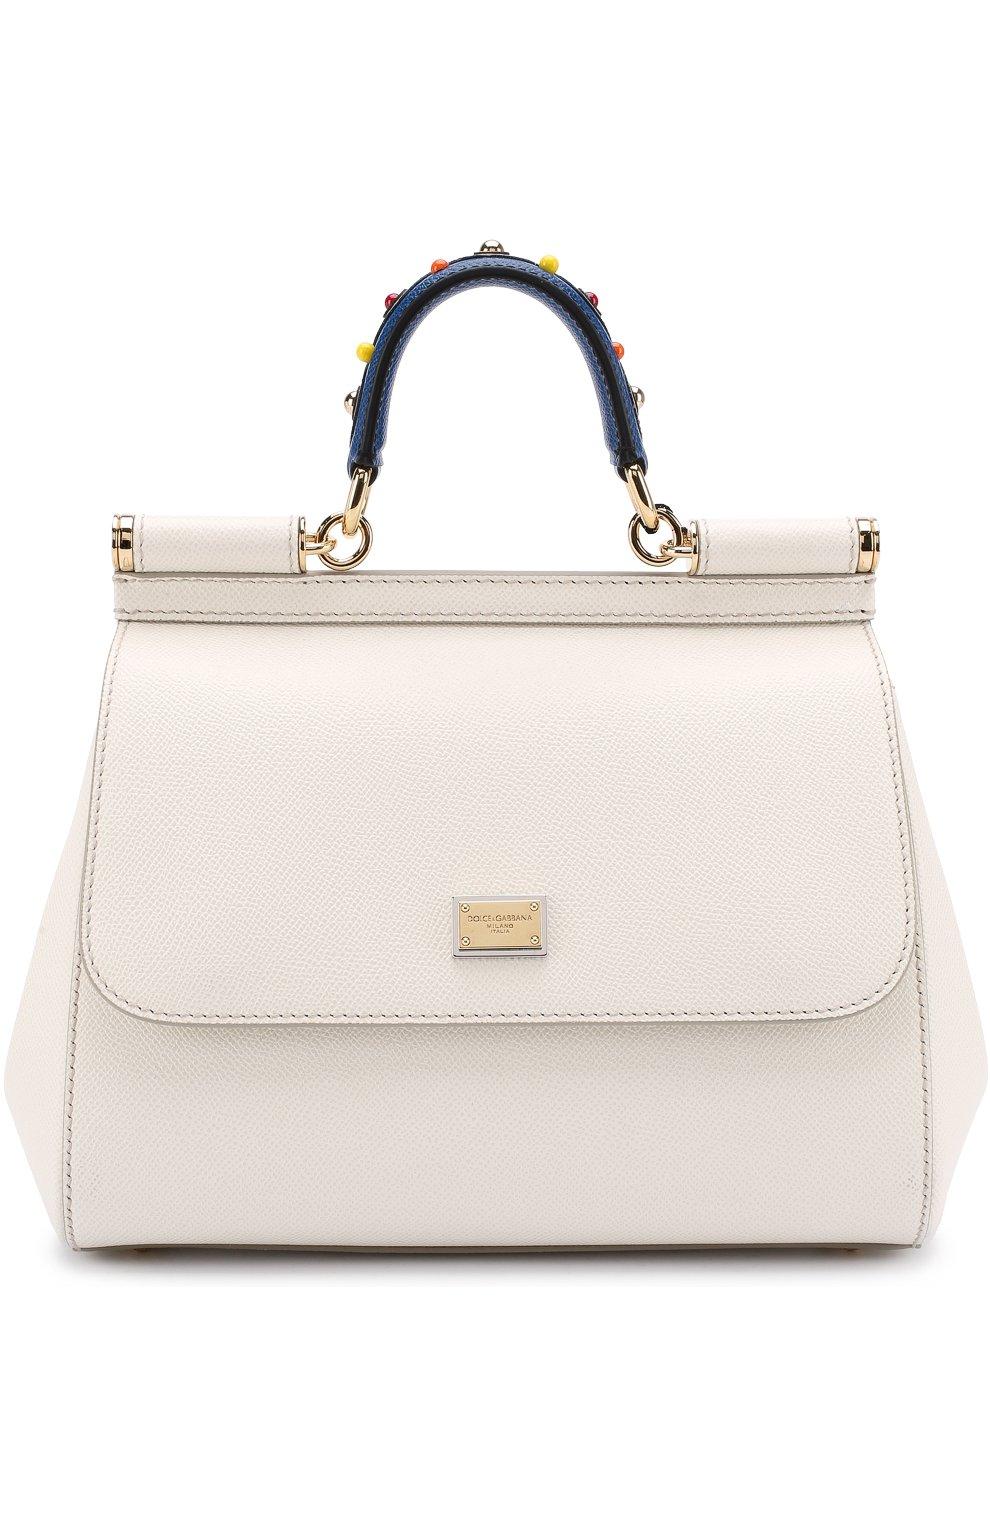 459b49987376 Женская сумка sicily medium DOLCE & GABBANA белая цвета — купить за ...